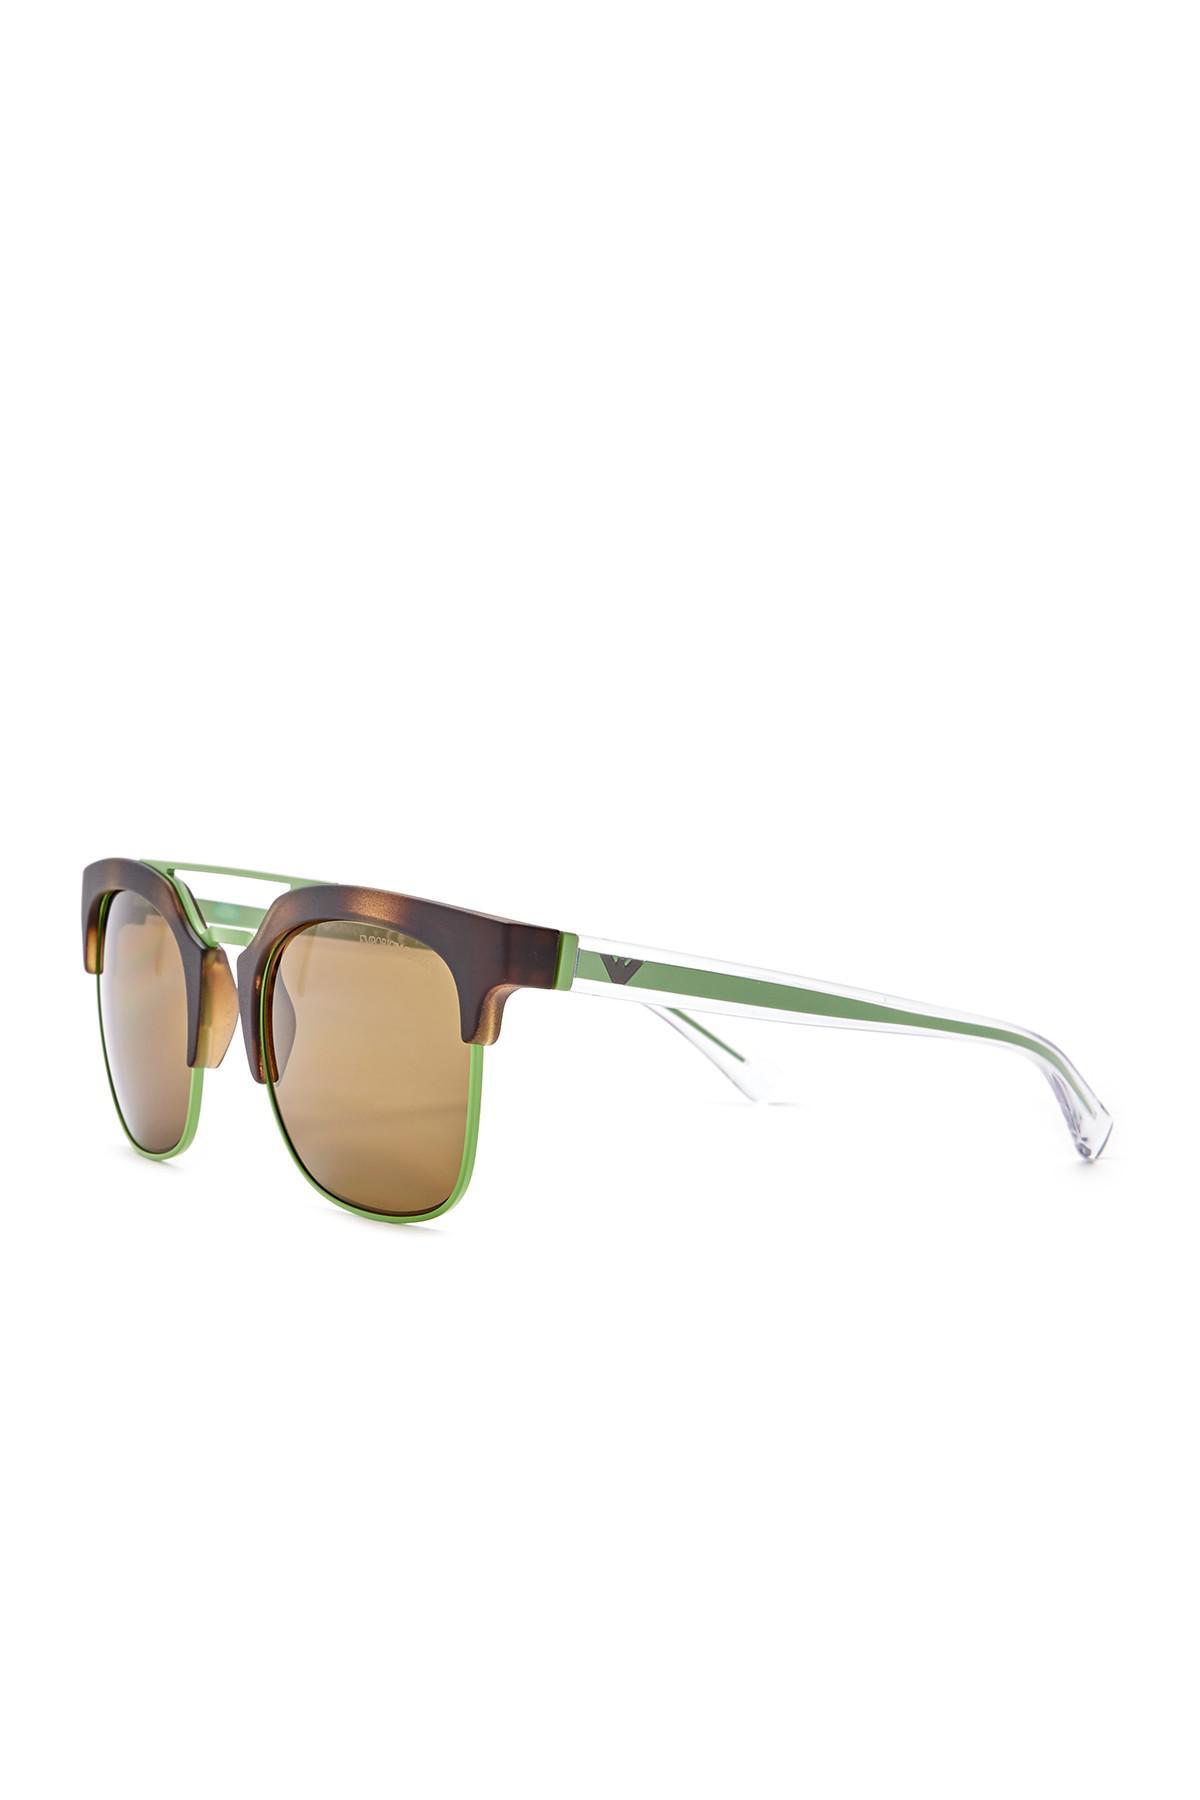 a243dba42f9 Emporio Armani - Multicolor Clubmaster 52mm Metal Frame Sunglasses for Men  - Lyst. View fullscreen